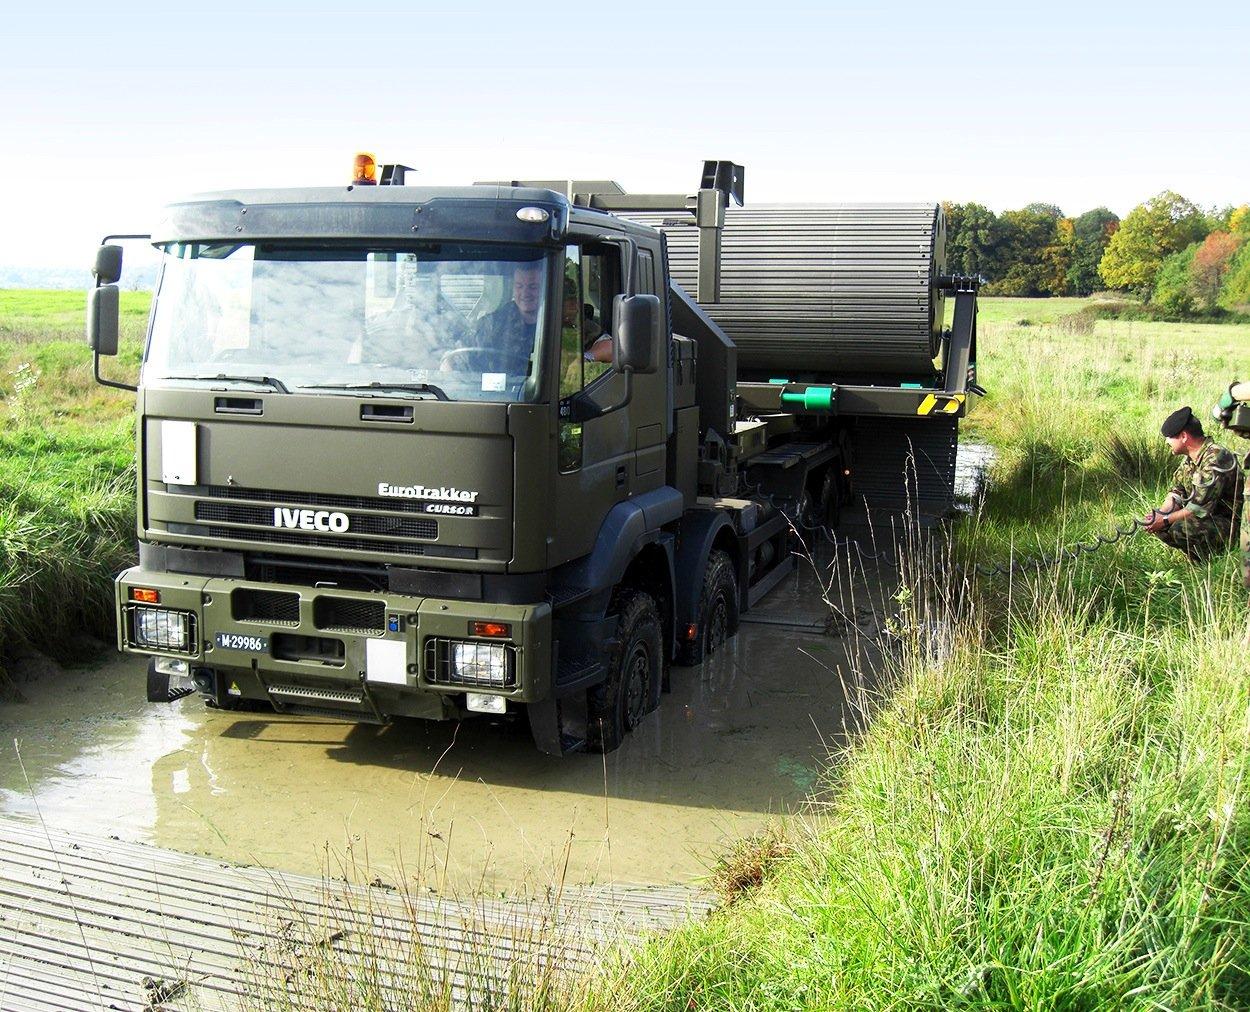 Dieses Wasserloch hält keinen Konvoi auf: Die Faun-Trucks können einfach ein Stück Straße ausrollen, um die Wasserstelle zu überbrücken.